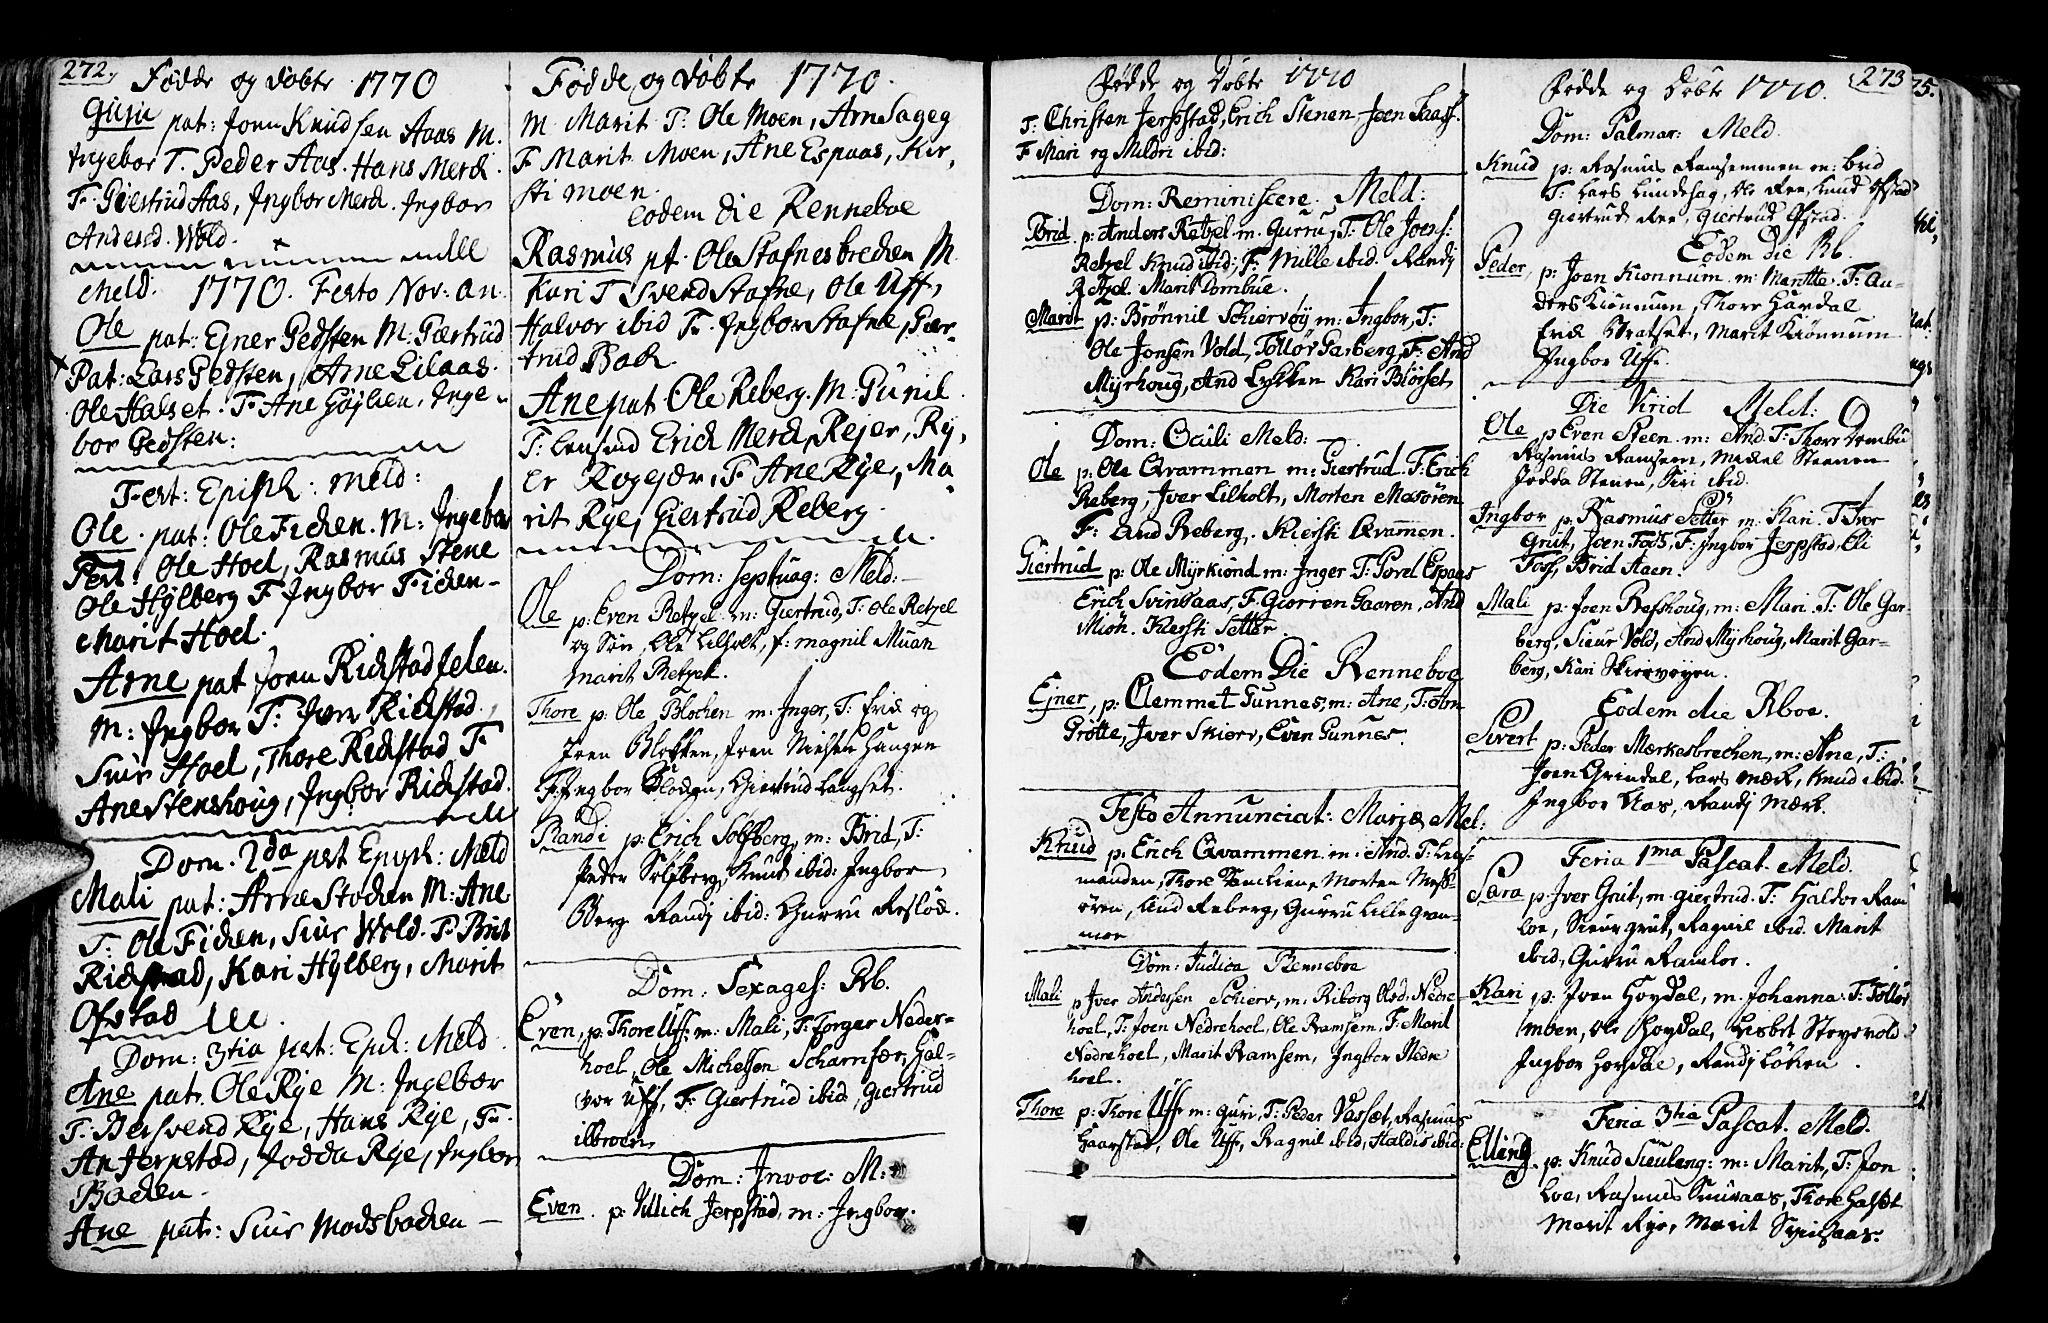 SAT, Ministerialprotokoller, klokkerbøker og fødselsregistre - Sør-Trøndelag, 672/L0851: Ministerialbok nr. 672A04, 1751-1775, s. 272-273